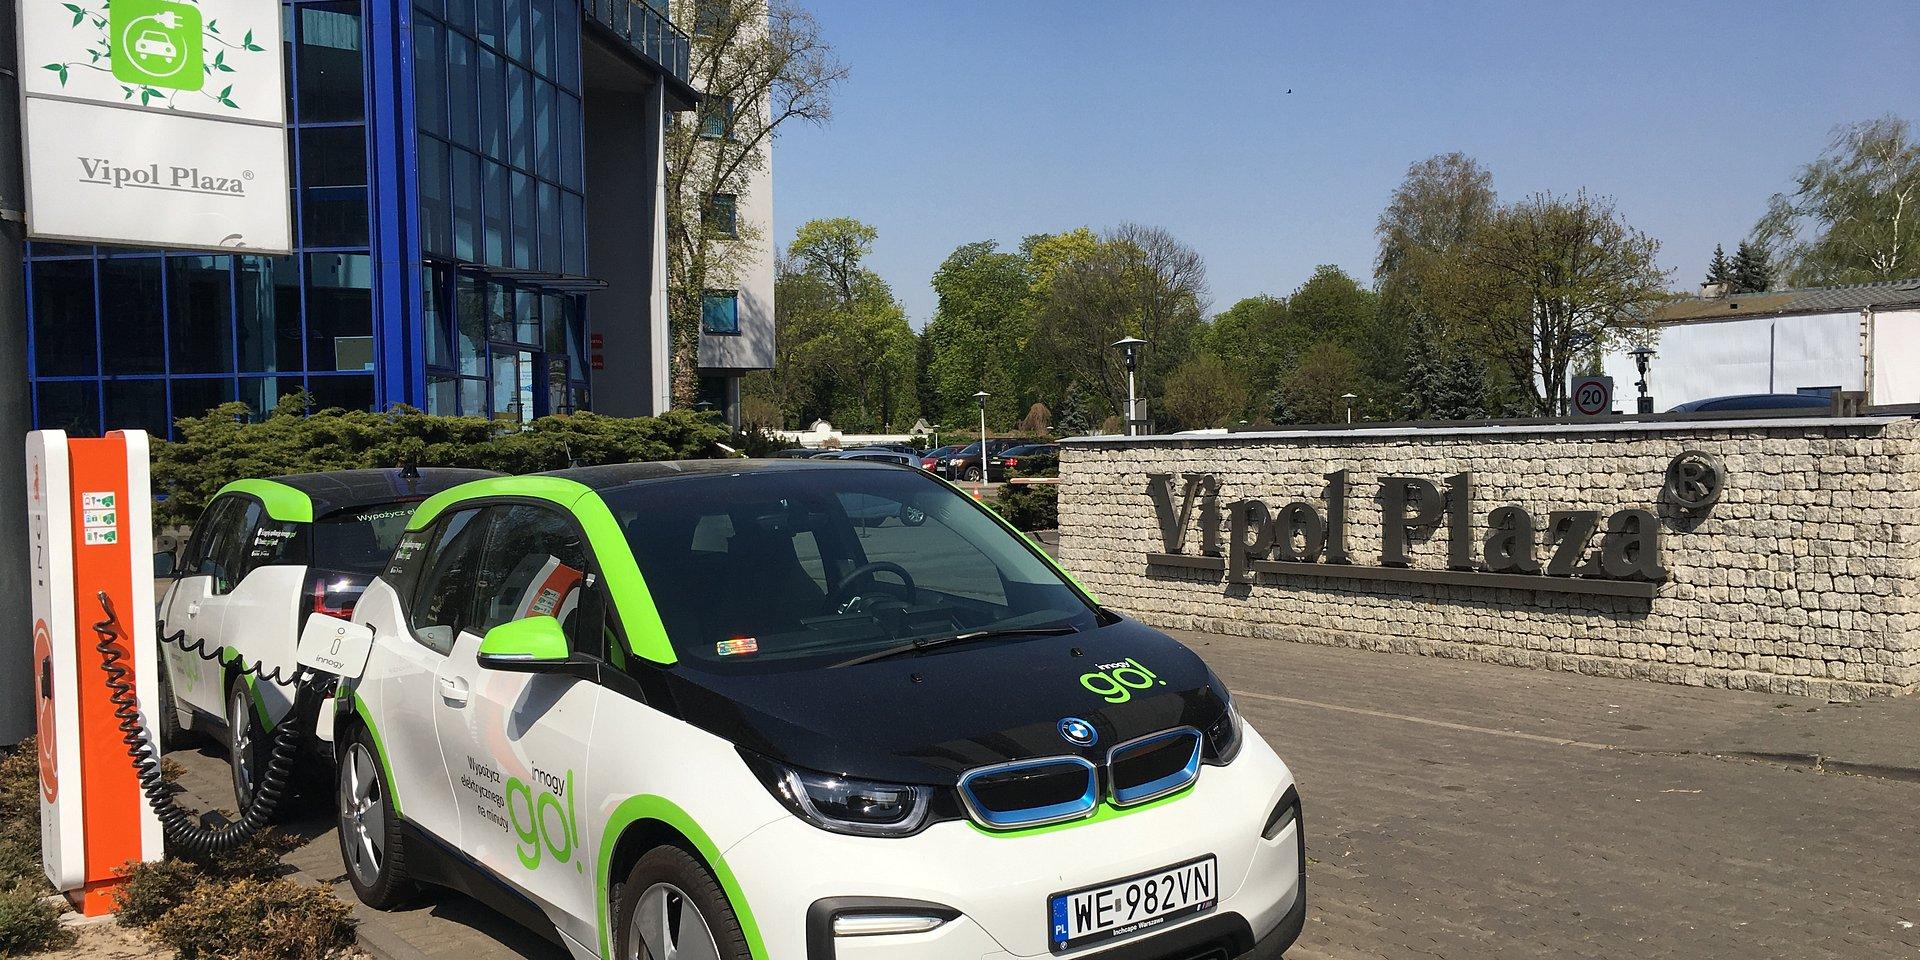 Vipol Plaza z elektrycznym car sharing